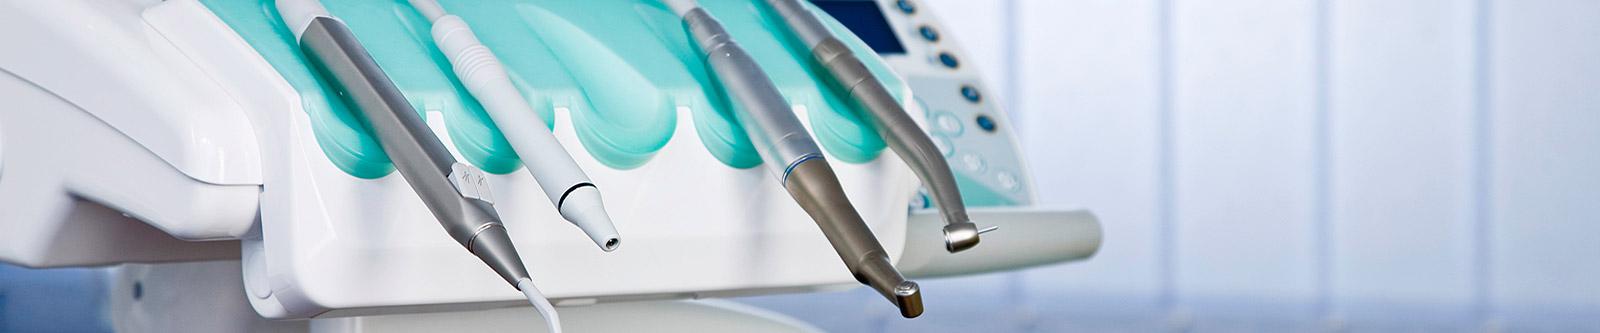 dental-networks